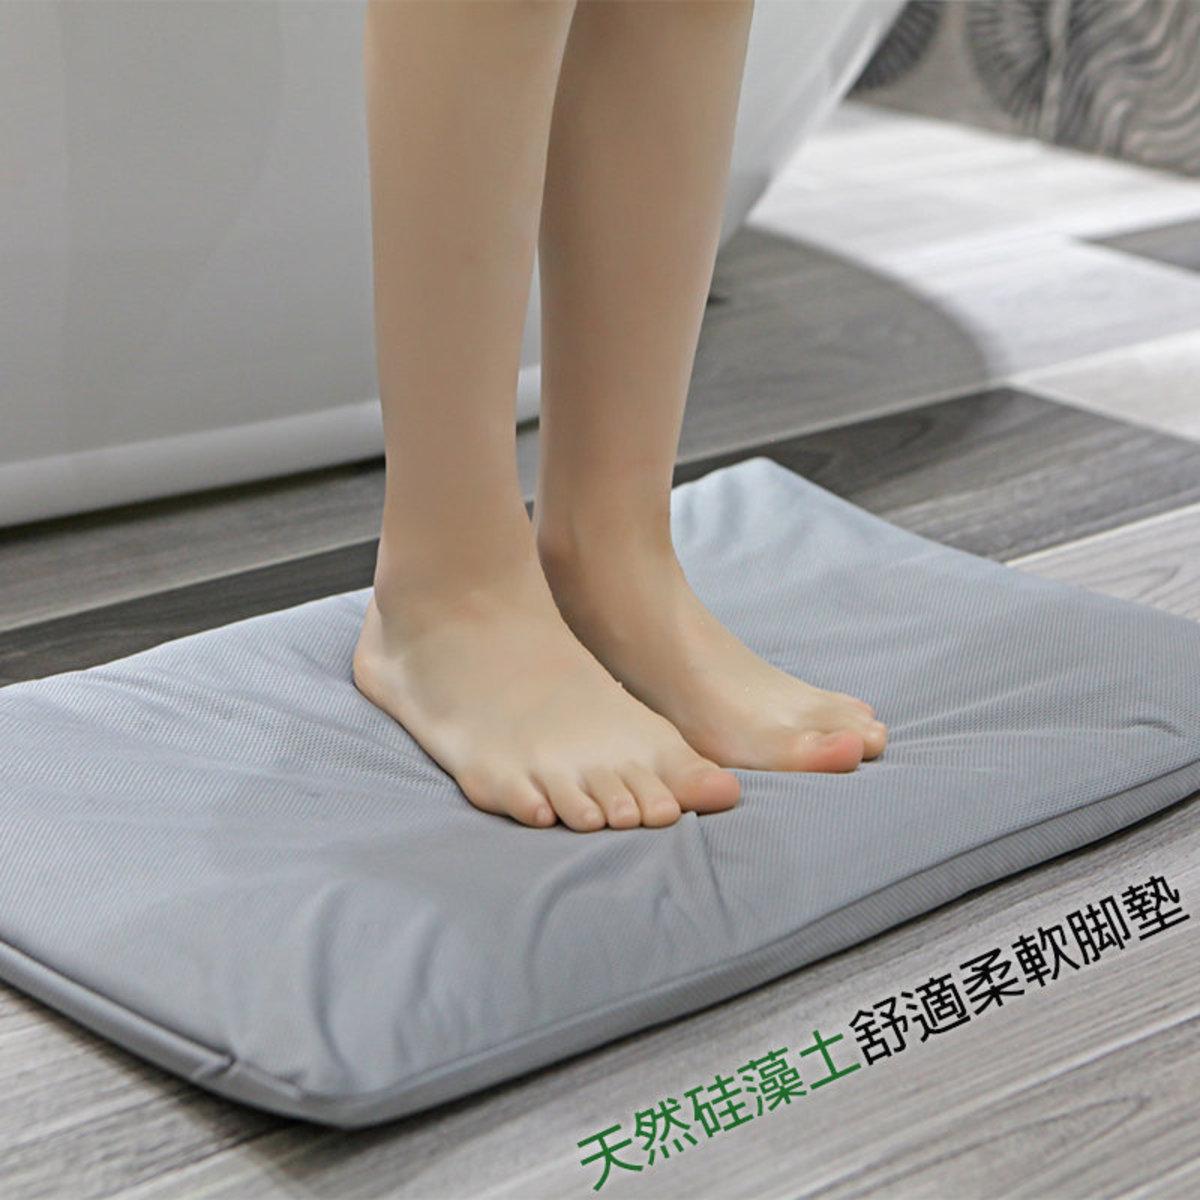 原生態硅藻土柔軟脚墊/吸水速乾浴室地墊